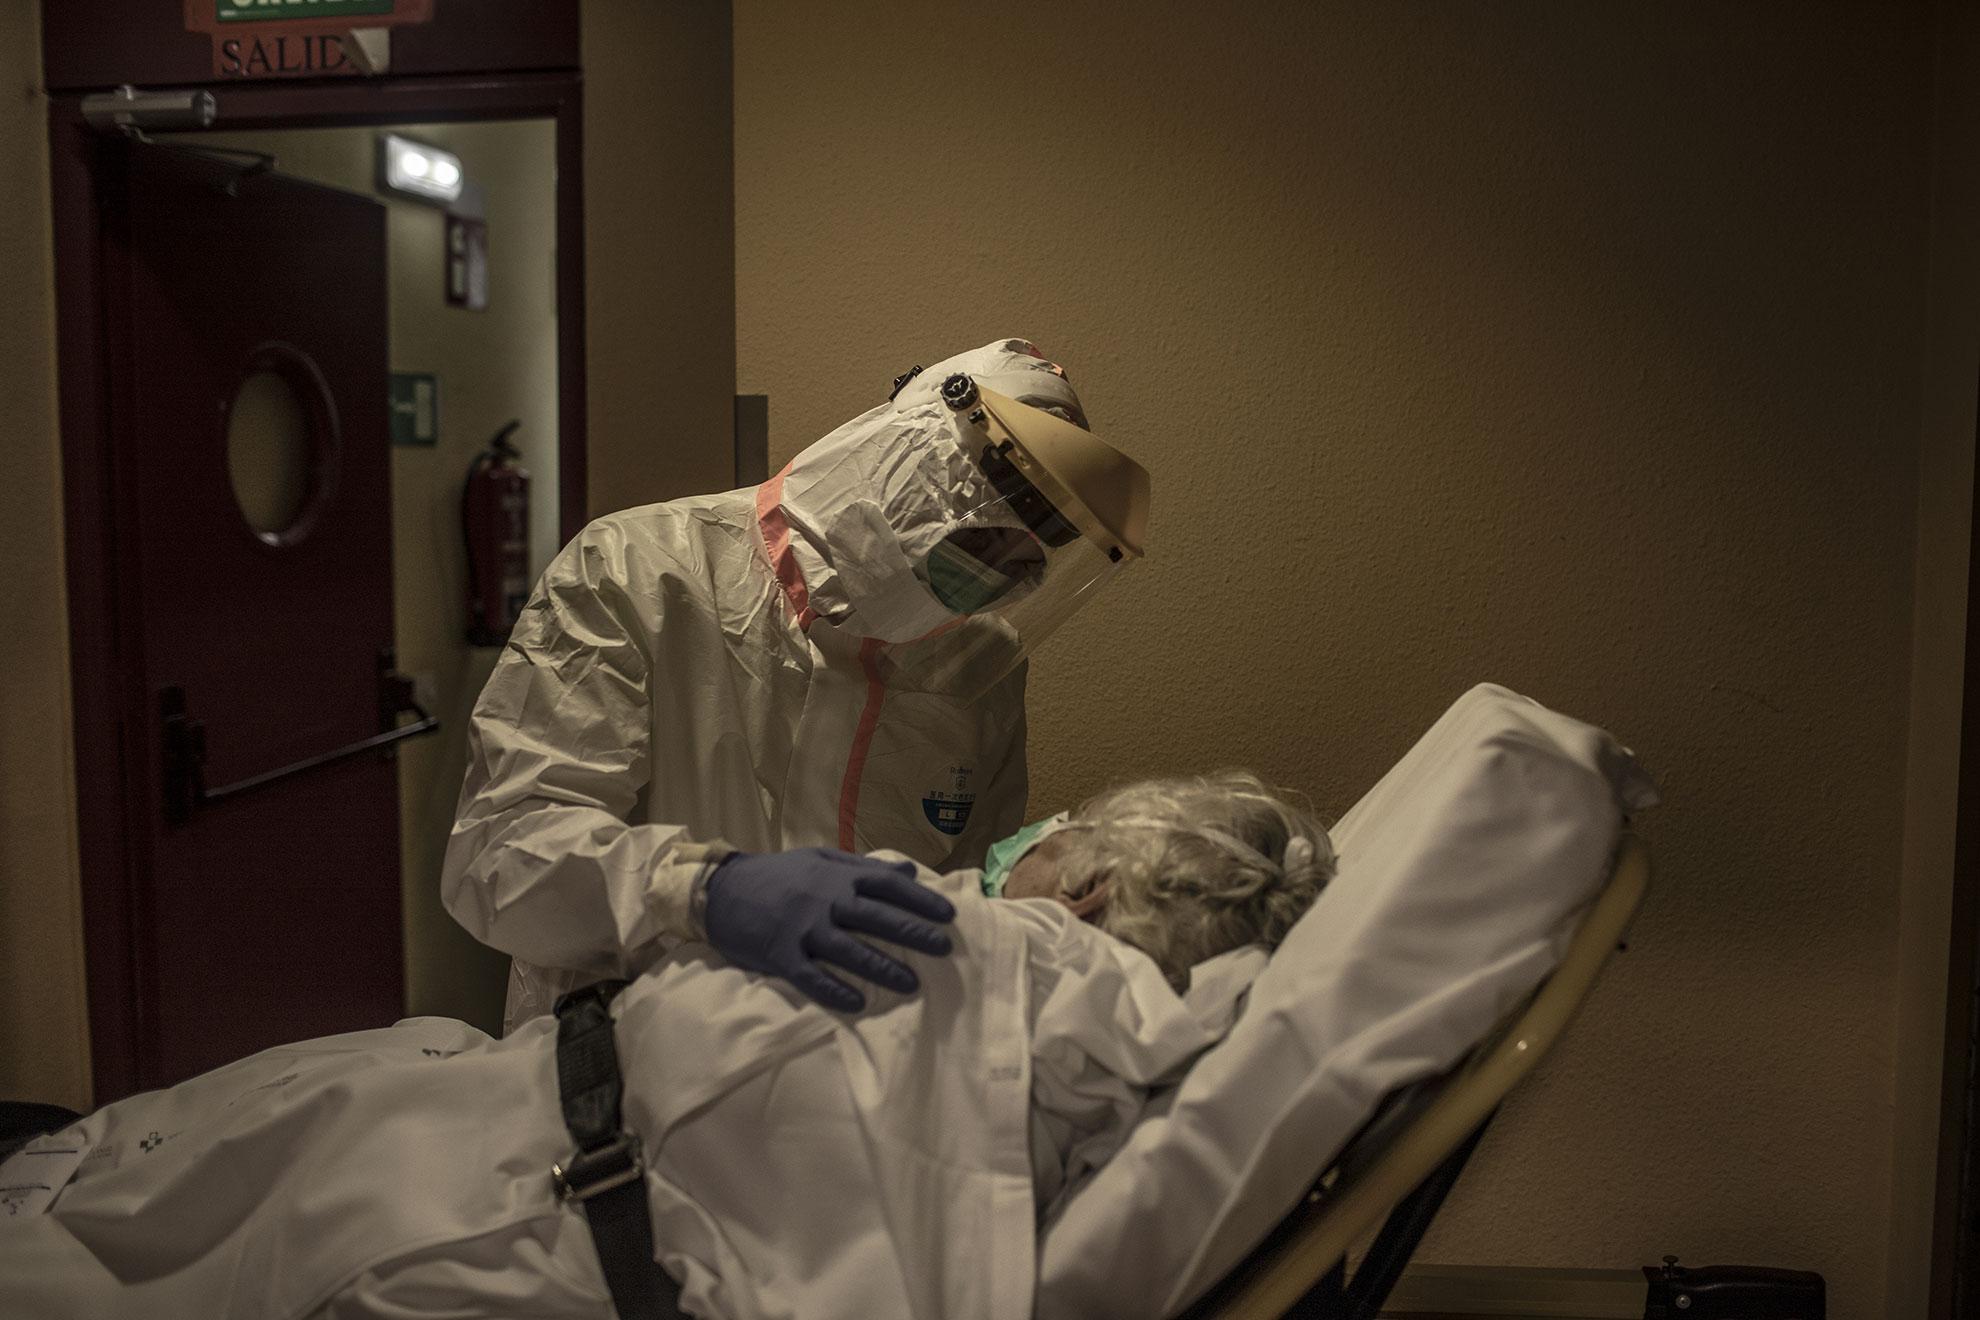 Pablo, un paramédico del servicio de ambulancia, habla con una mujer con síntomas de COVID mientras la traslada del hogar de ancianos donde vive al Hospital de la Universidad Central de Asturias. A pesar de ser dado de alta hace casi un mes después de sufrir COVID-19, este paciente repite los síntomas. Oviedo, Asturias, España.